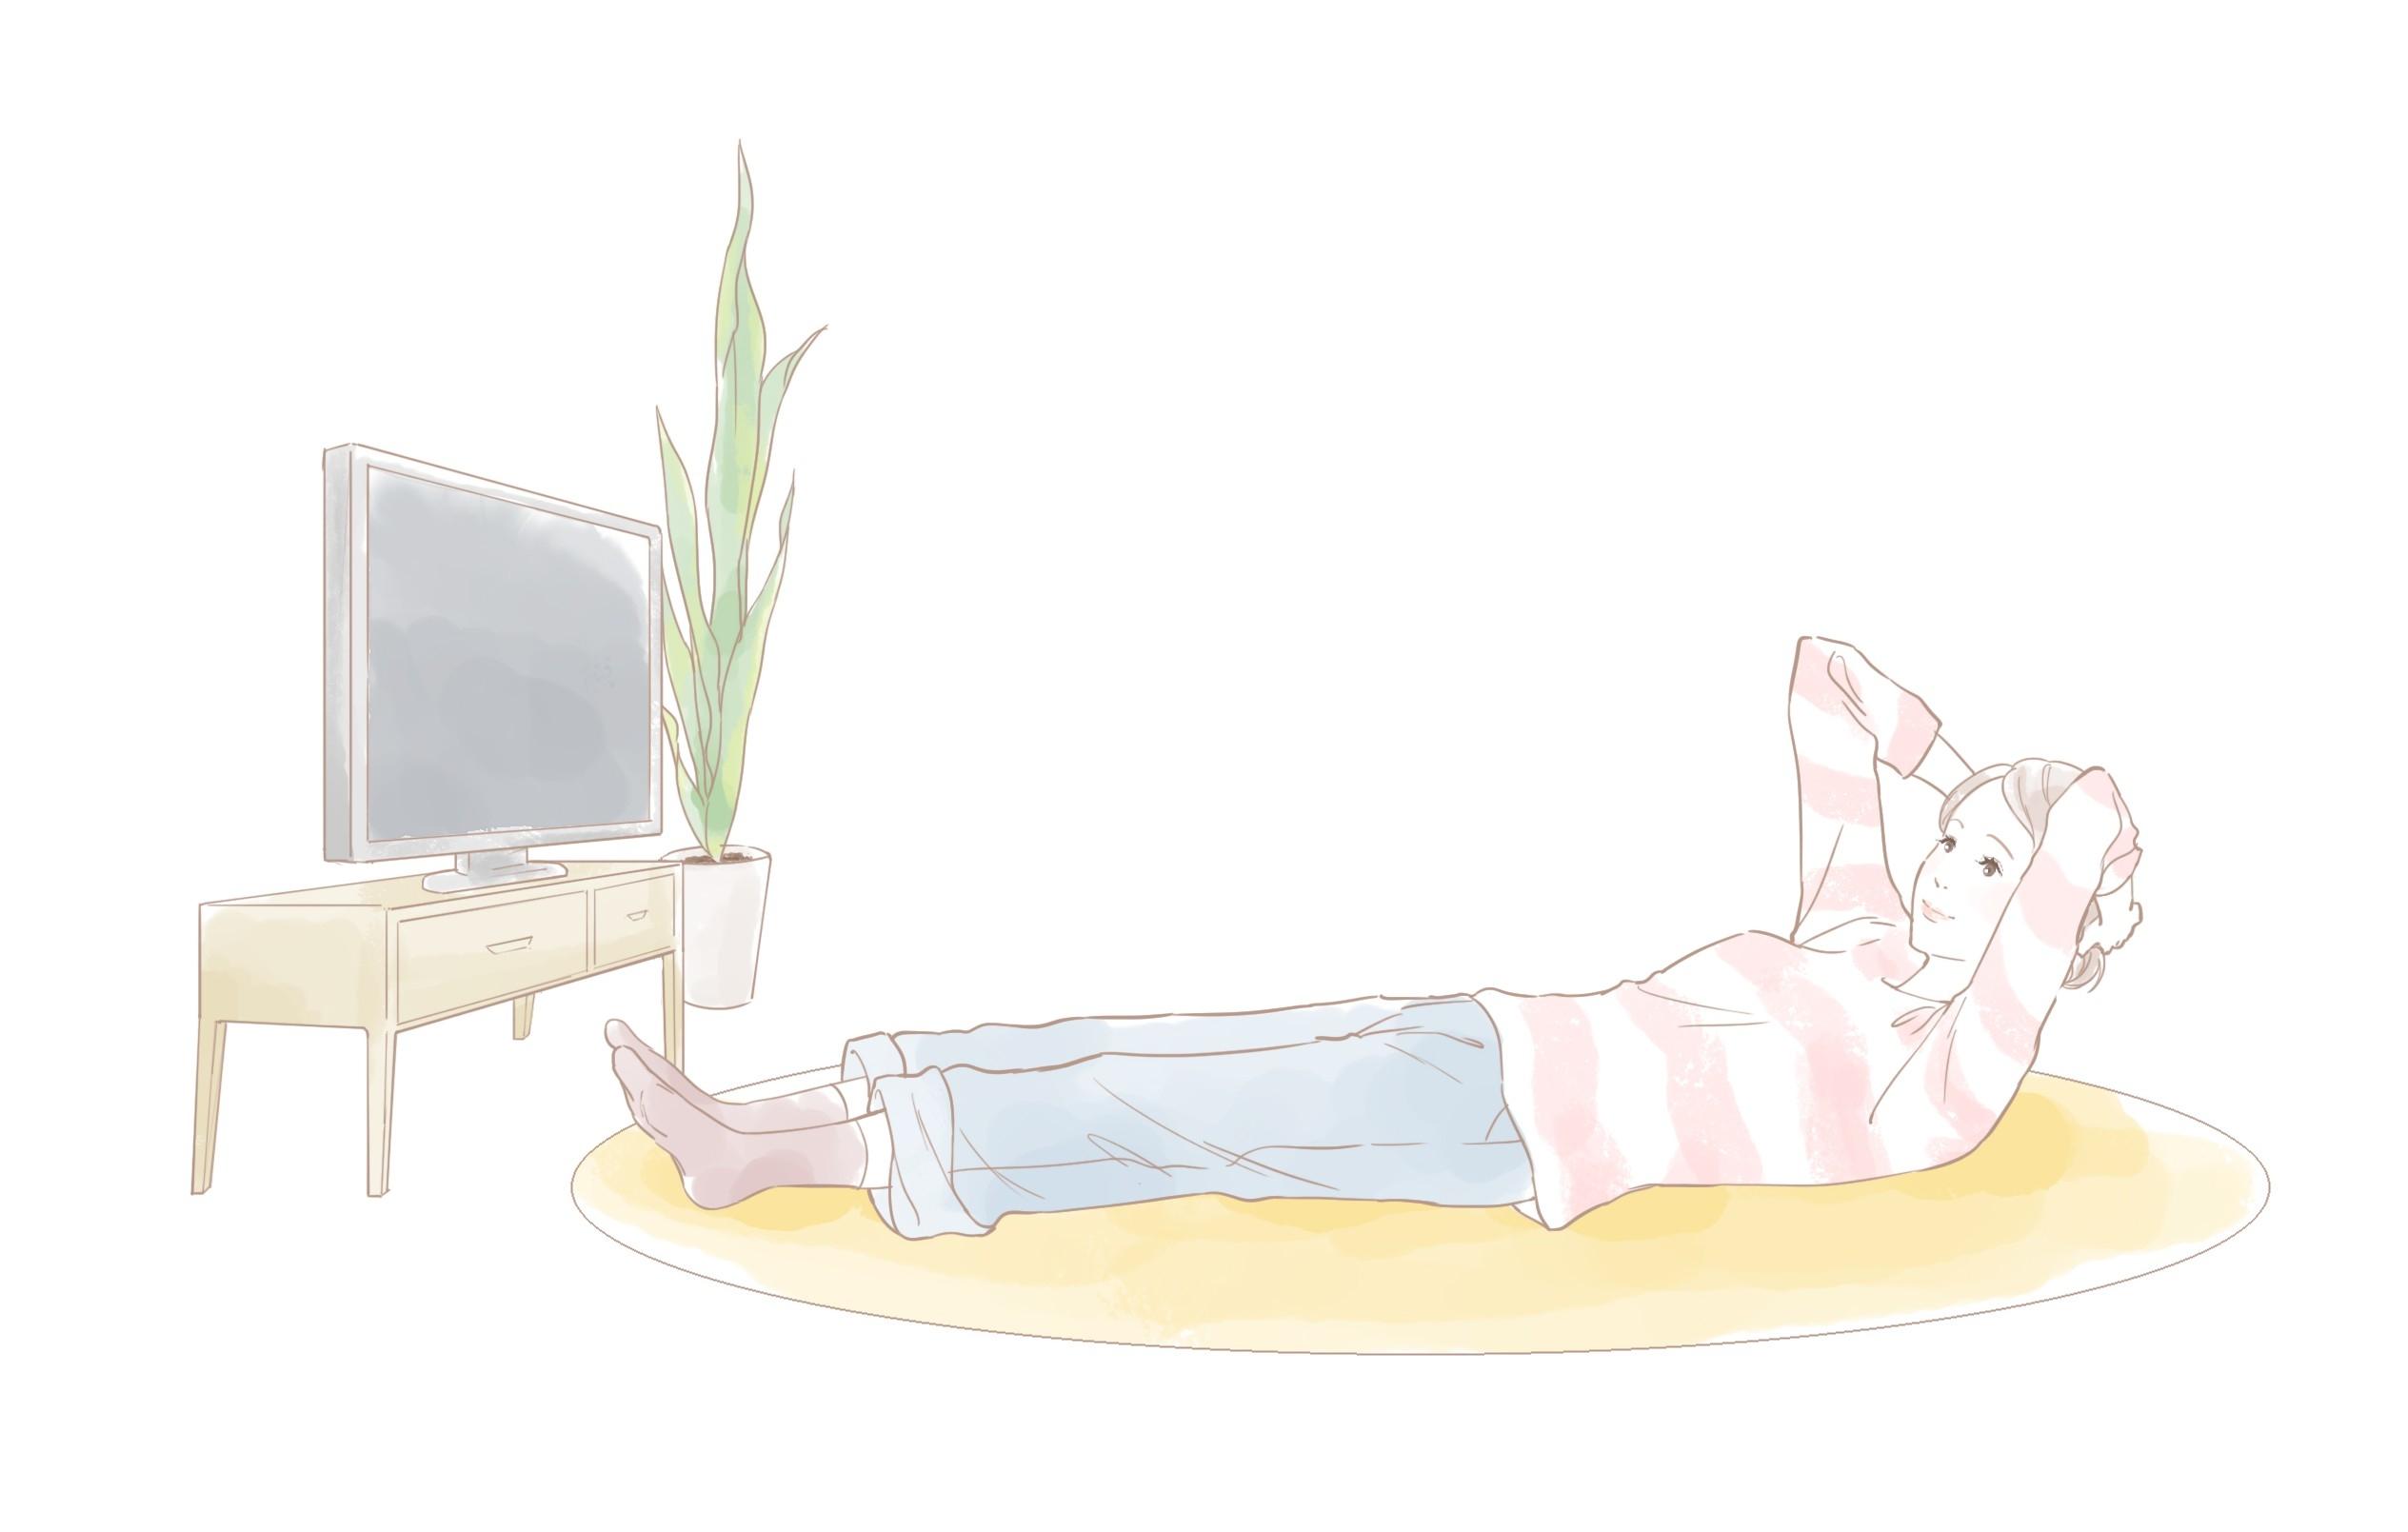 furukawasennsei_02w.jpg